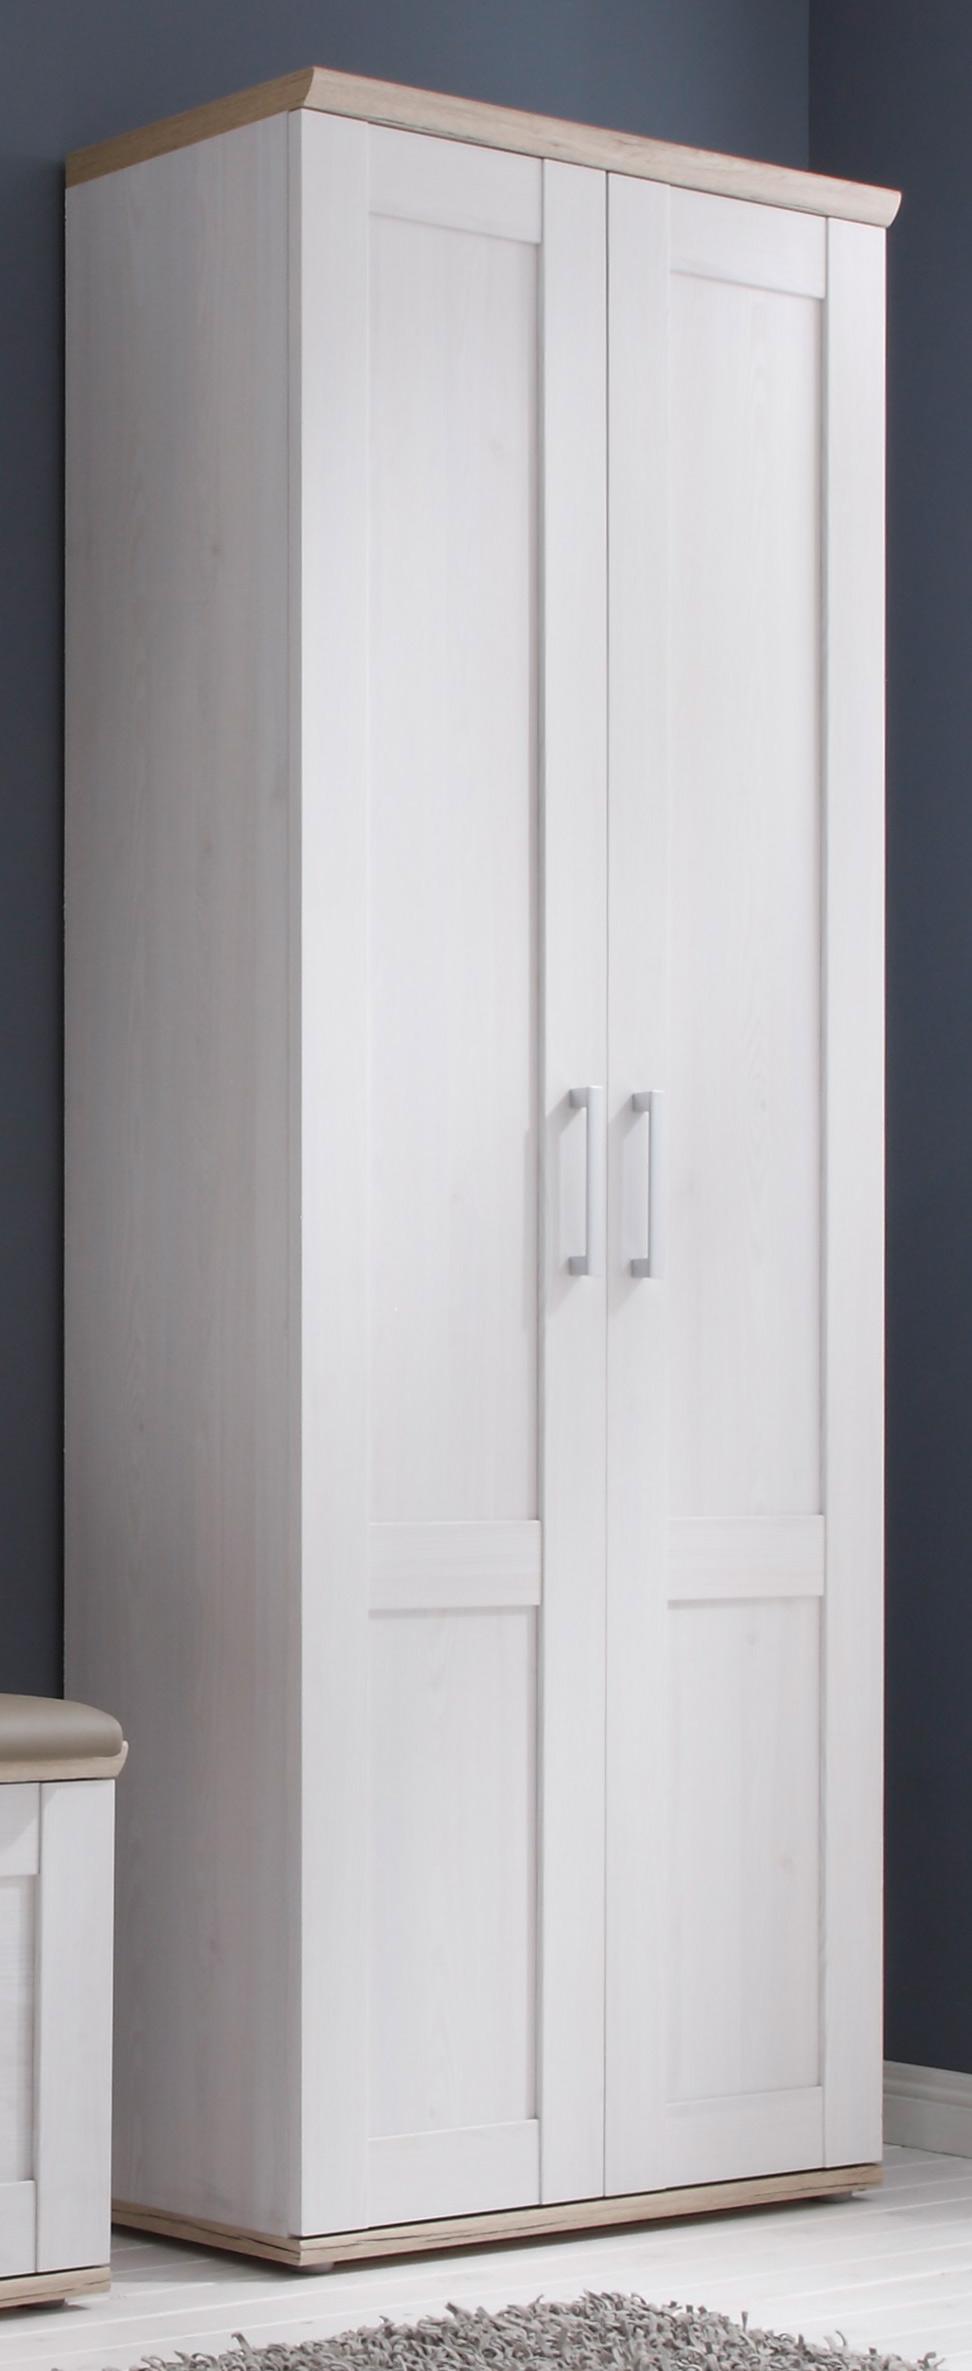 kollektion letz garderobe enamigo wei m bel letz ihr online shop. Black Bedroom Furniture Sets. Home Design Ideas